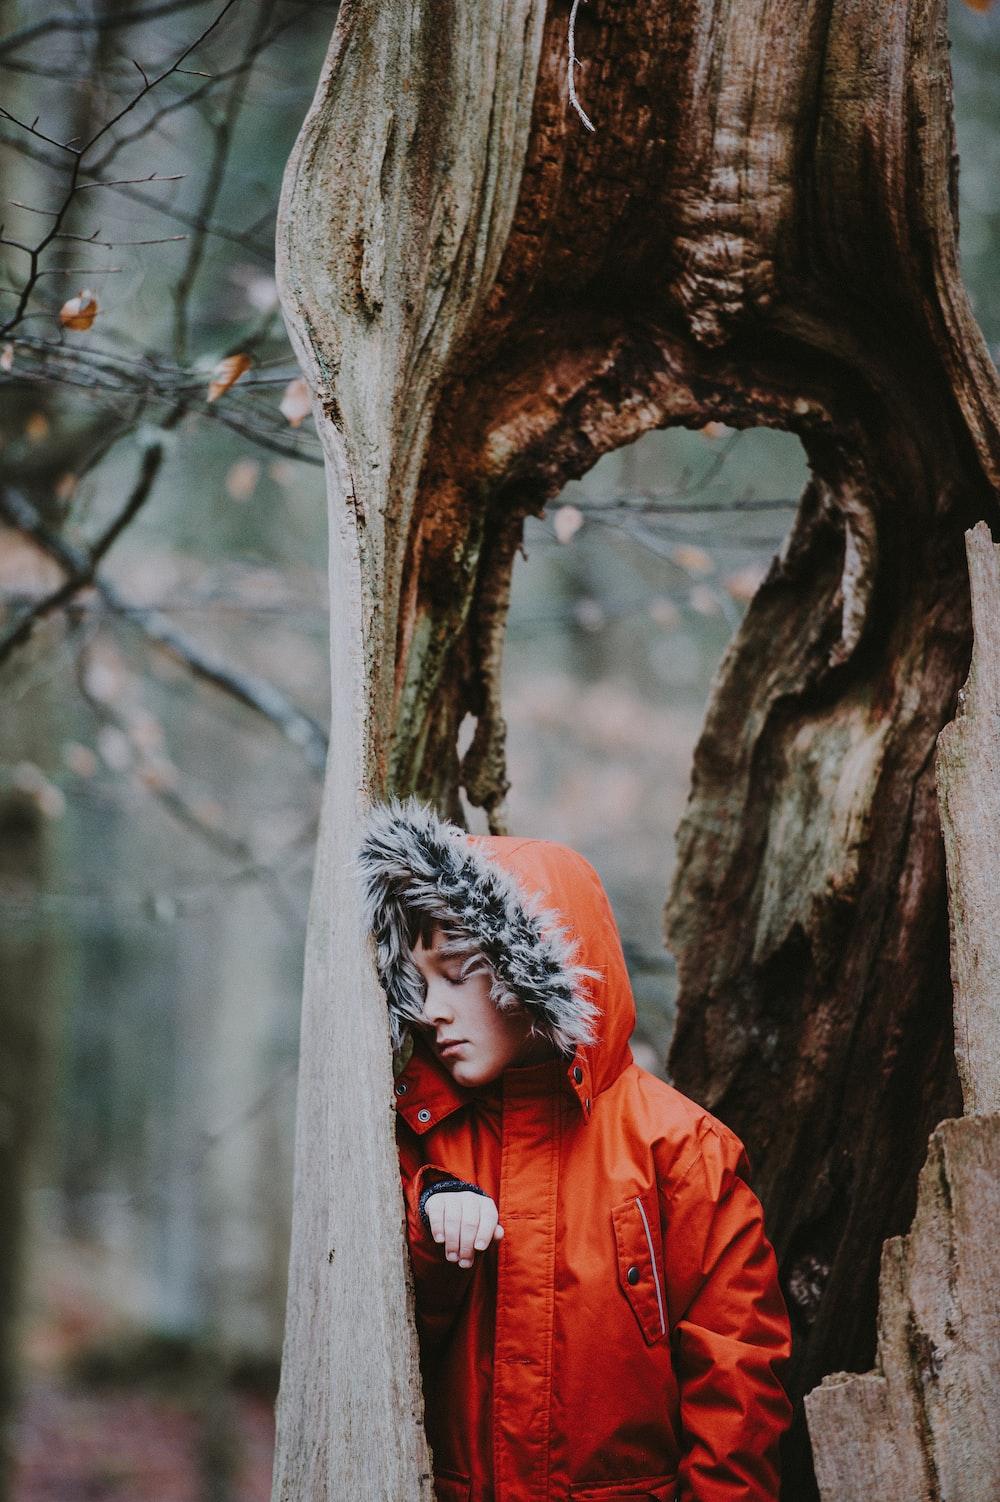 boy leaning on tree trunk